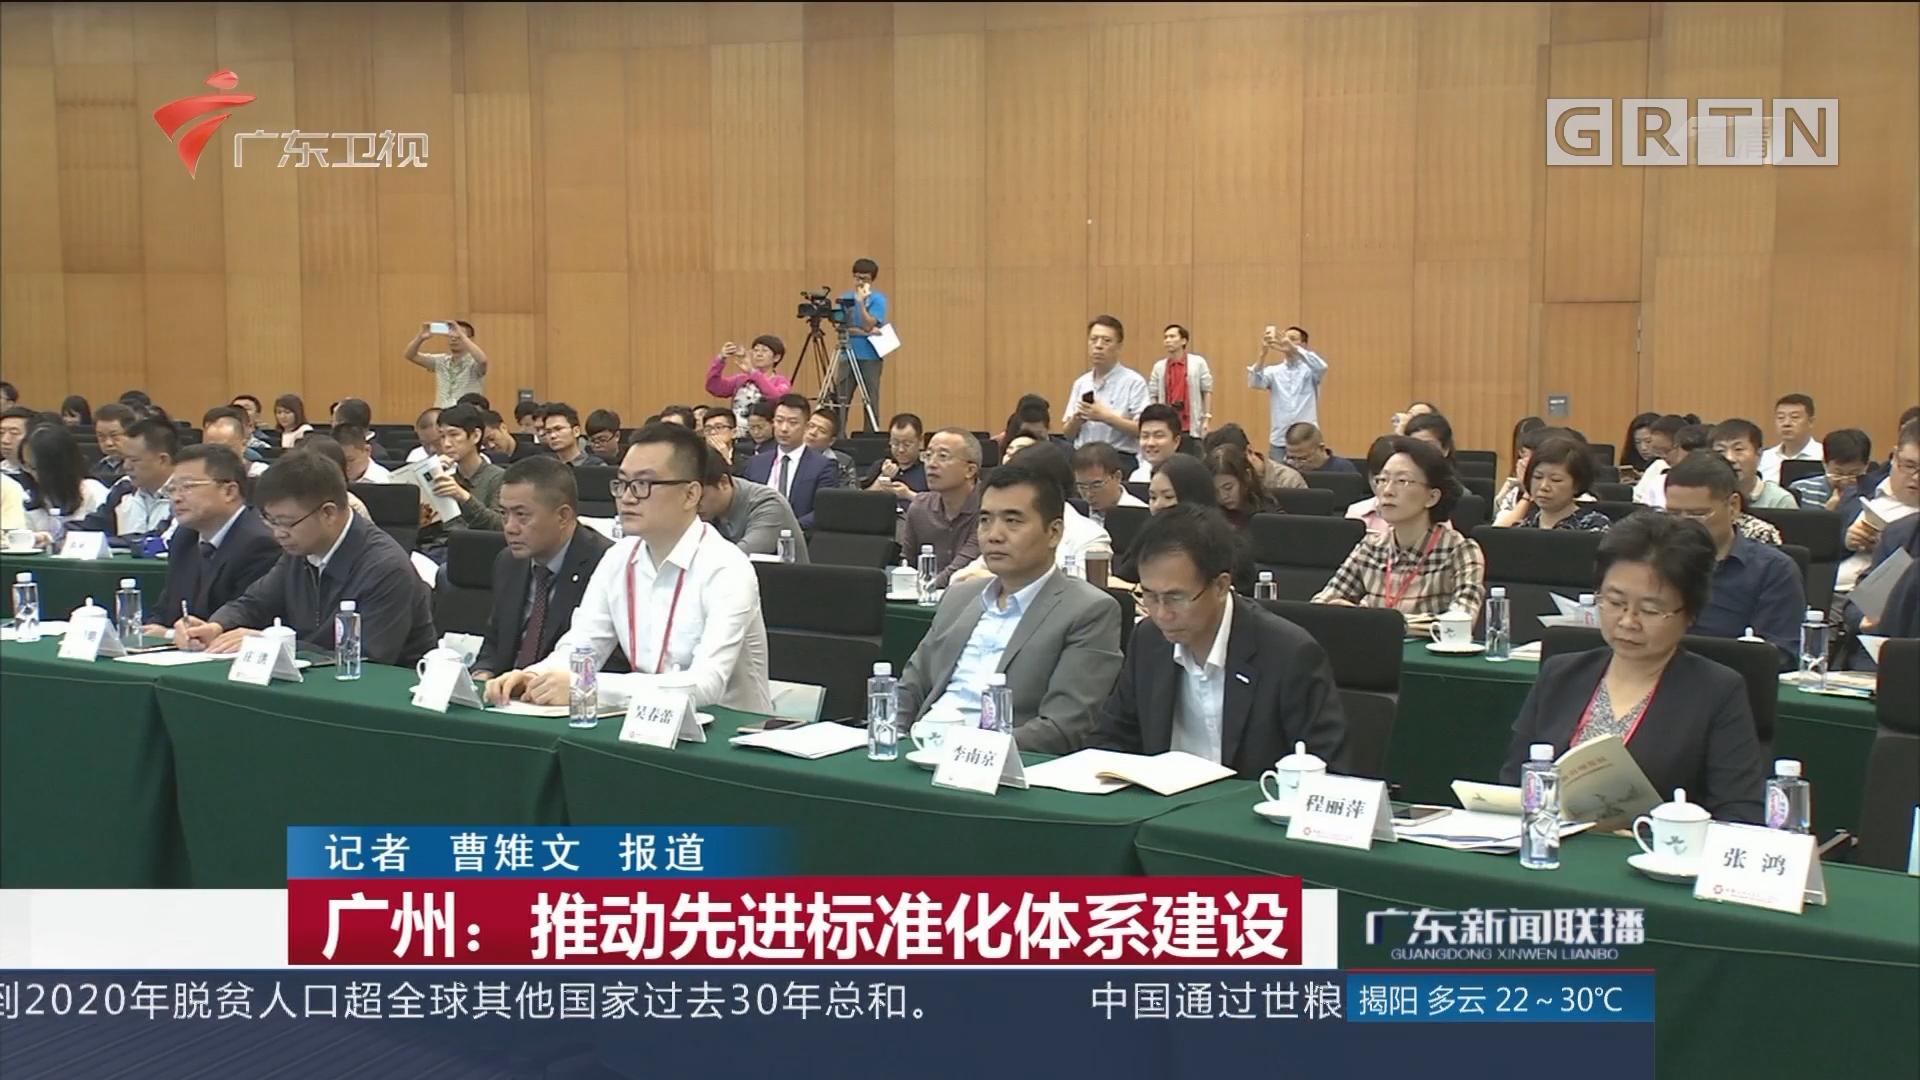 广州:推动先进标准化体系建设